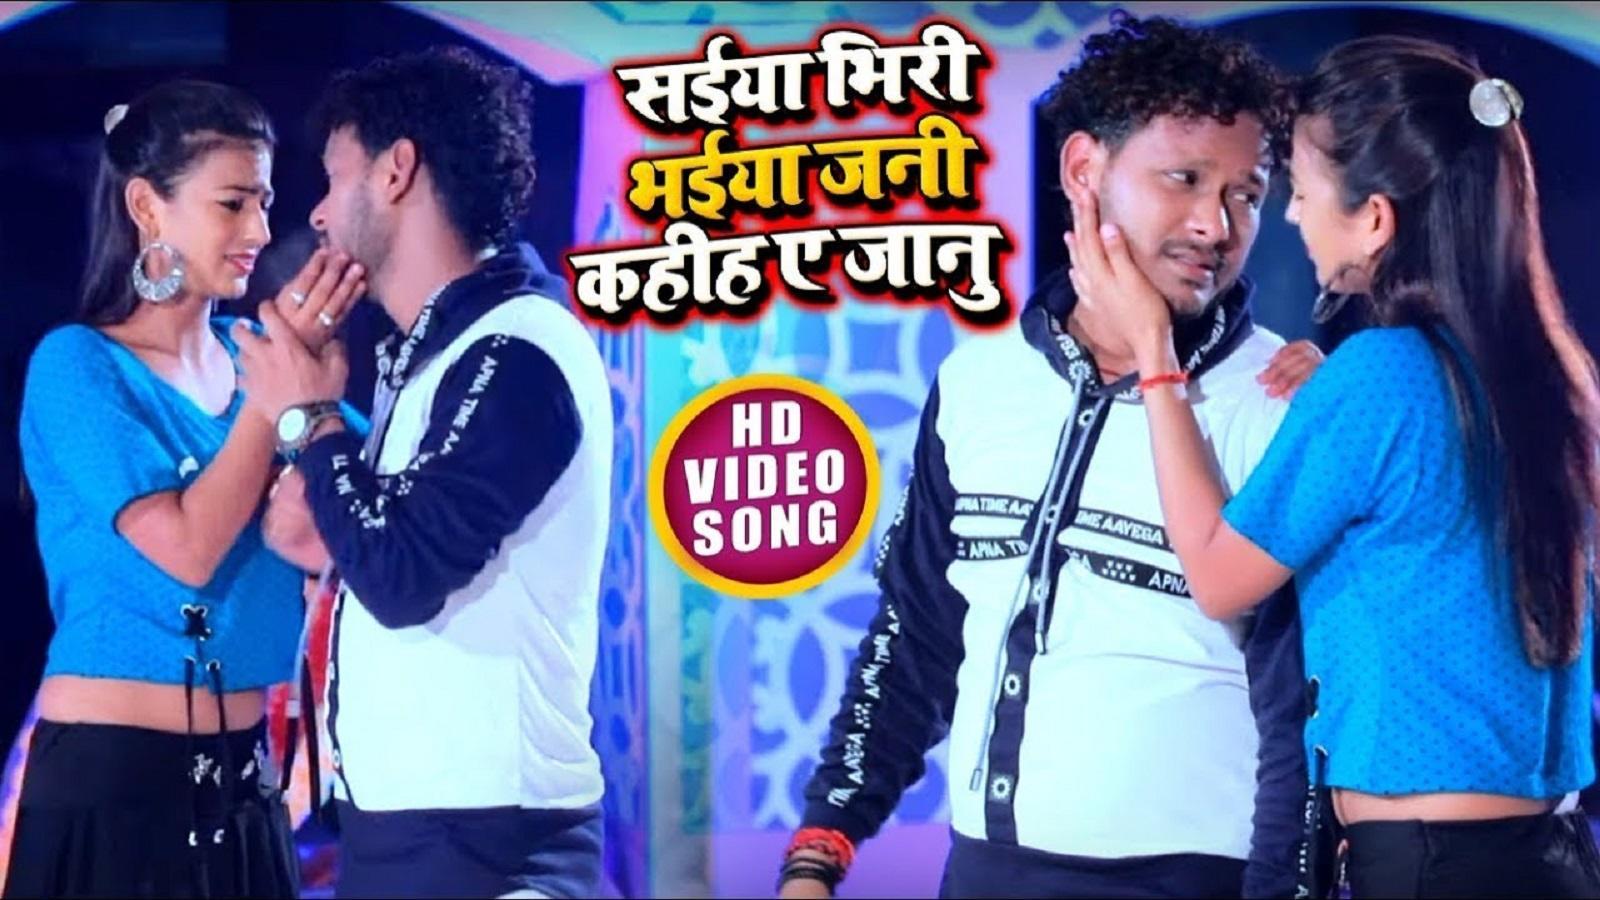 Latest Bhojpuri Song 'Saiya Bhiri Bhaiya Jani' Sung by Shani Kumar Shaniya  and Antra Singh Priyanka